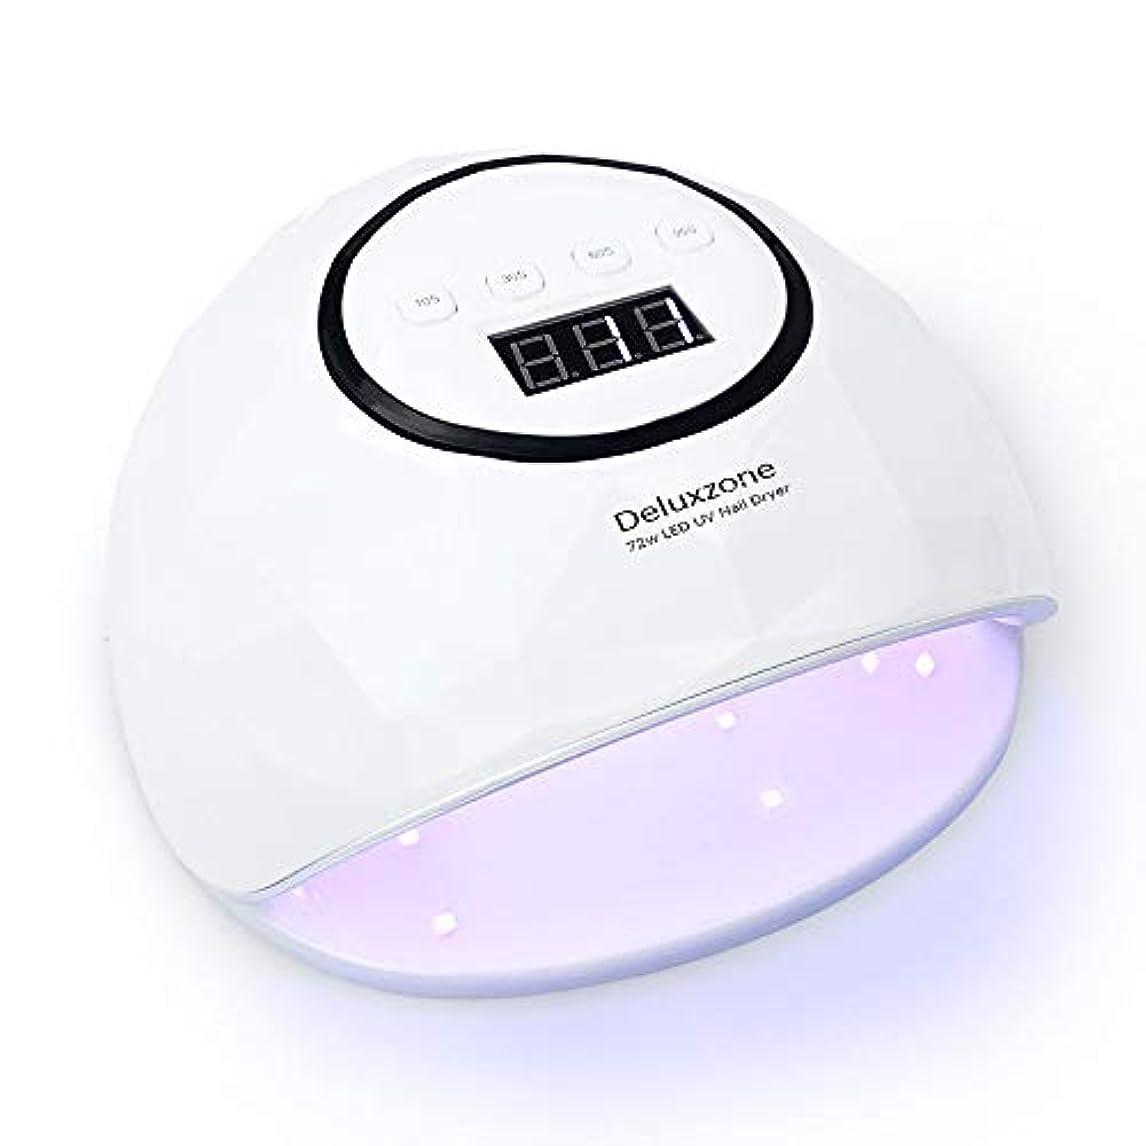 対抗普通にスケジュールUV LED ネイルドライヤー ジェルネイル ライト UV LED 72 W ハイパワー 赤外線検知 UV &LEDダブルライト ジェルネイル用 四つタイマー設定可能 硬化用 マニキュア用ライト ランプ